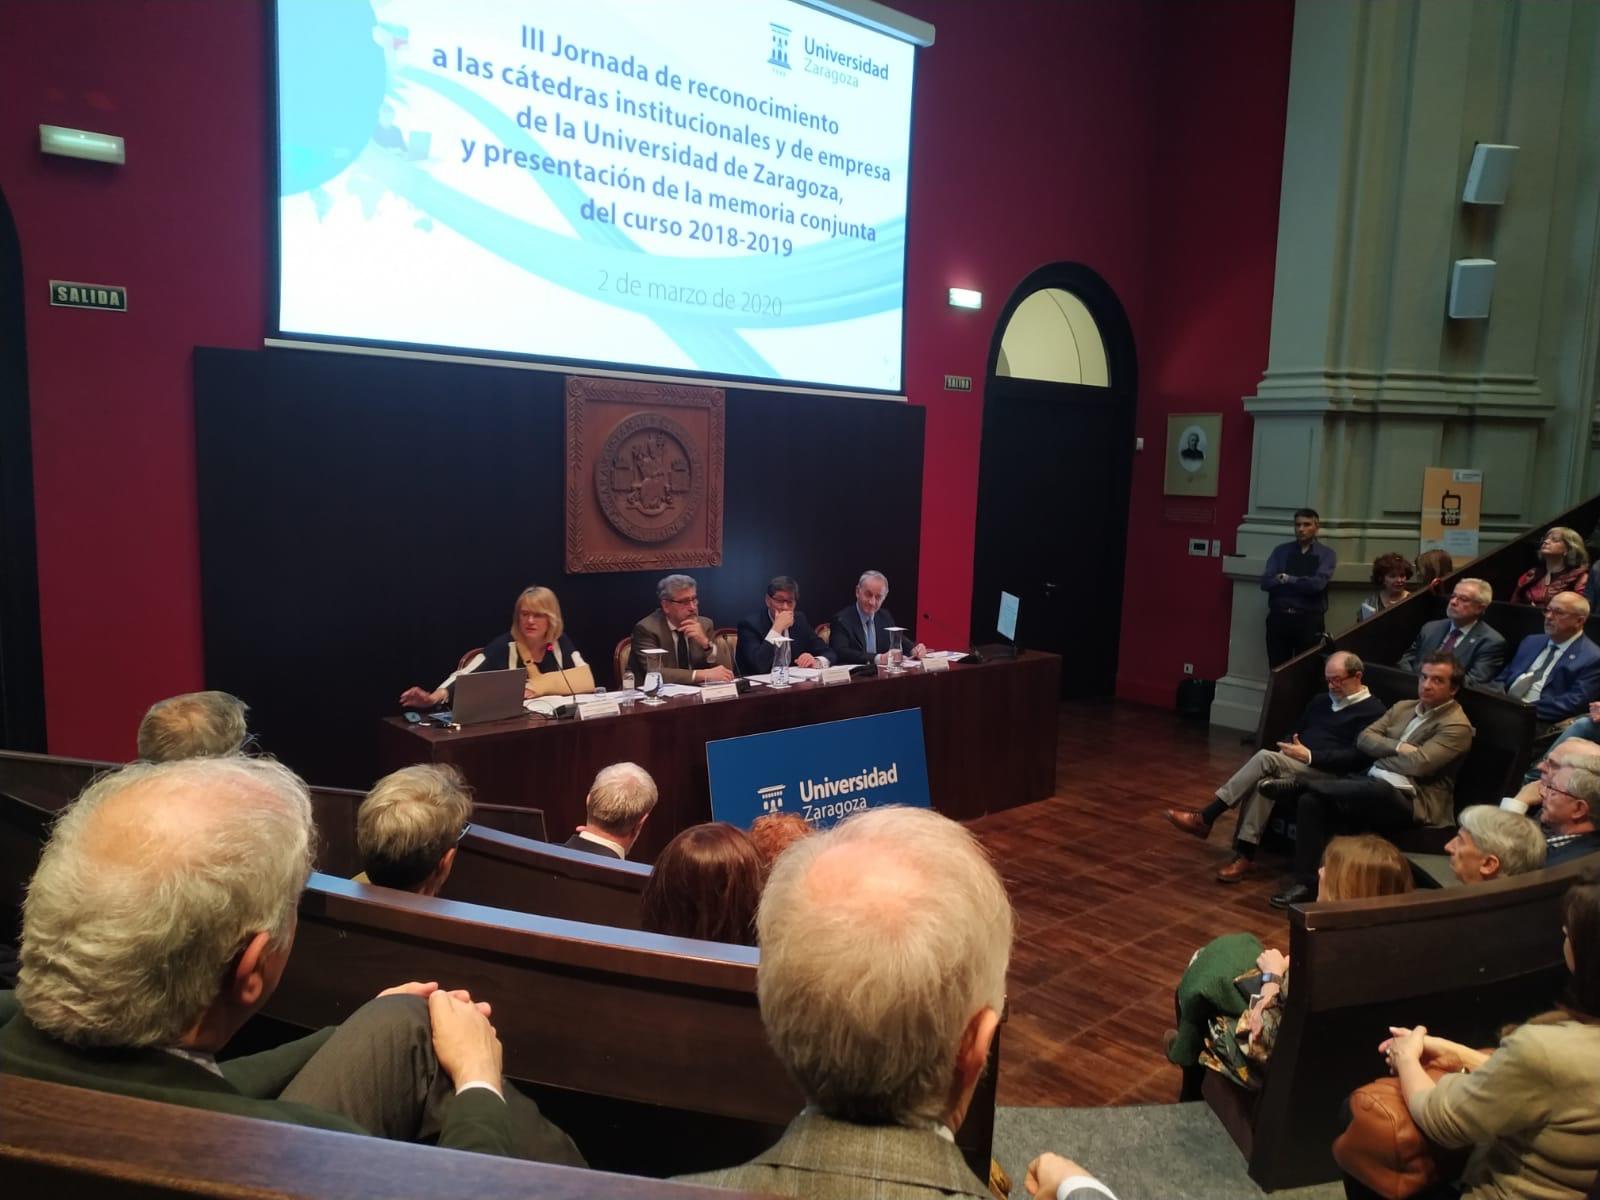 III Jornada de reconocimiento a las cátedras institucionales y de empresa de la Universidad de Zaragoza